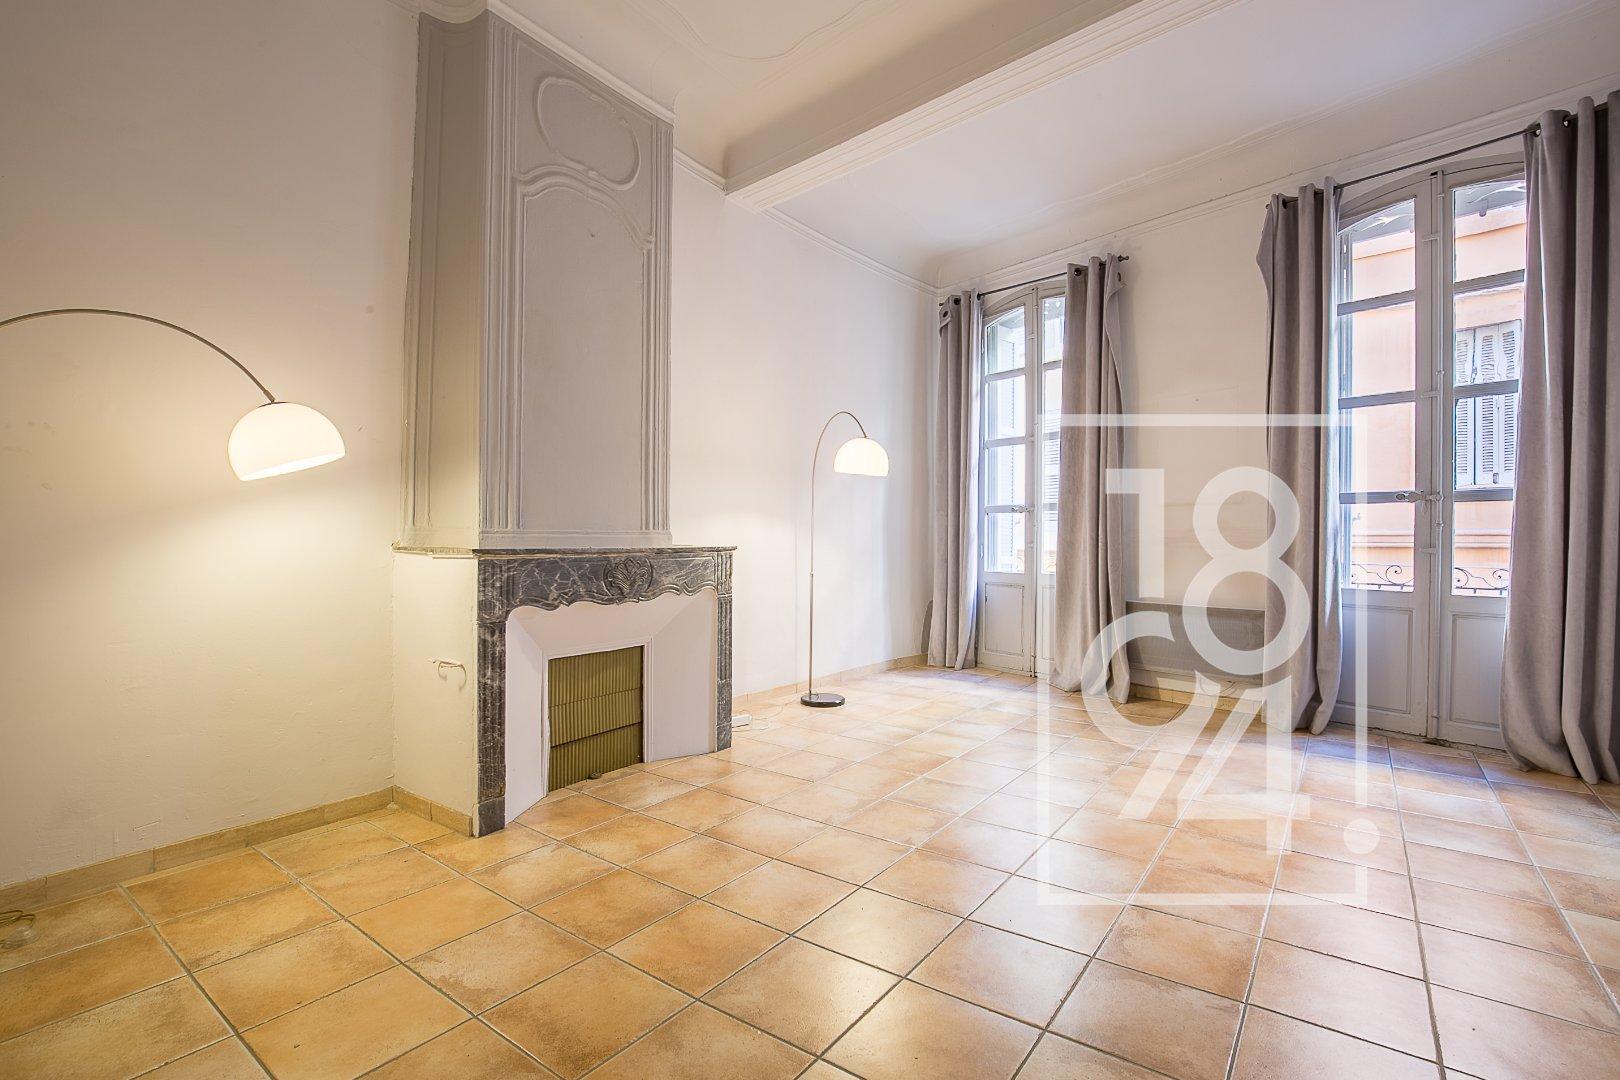 Appartement de 41m2 dans une rue prisée du centre ville d'Aix en Provence